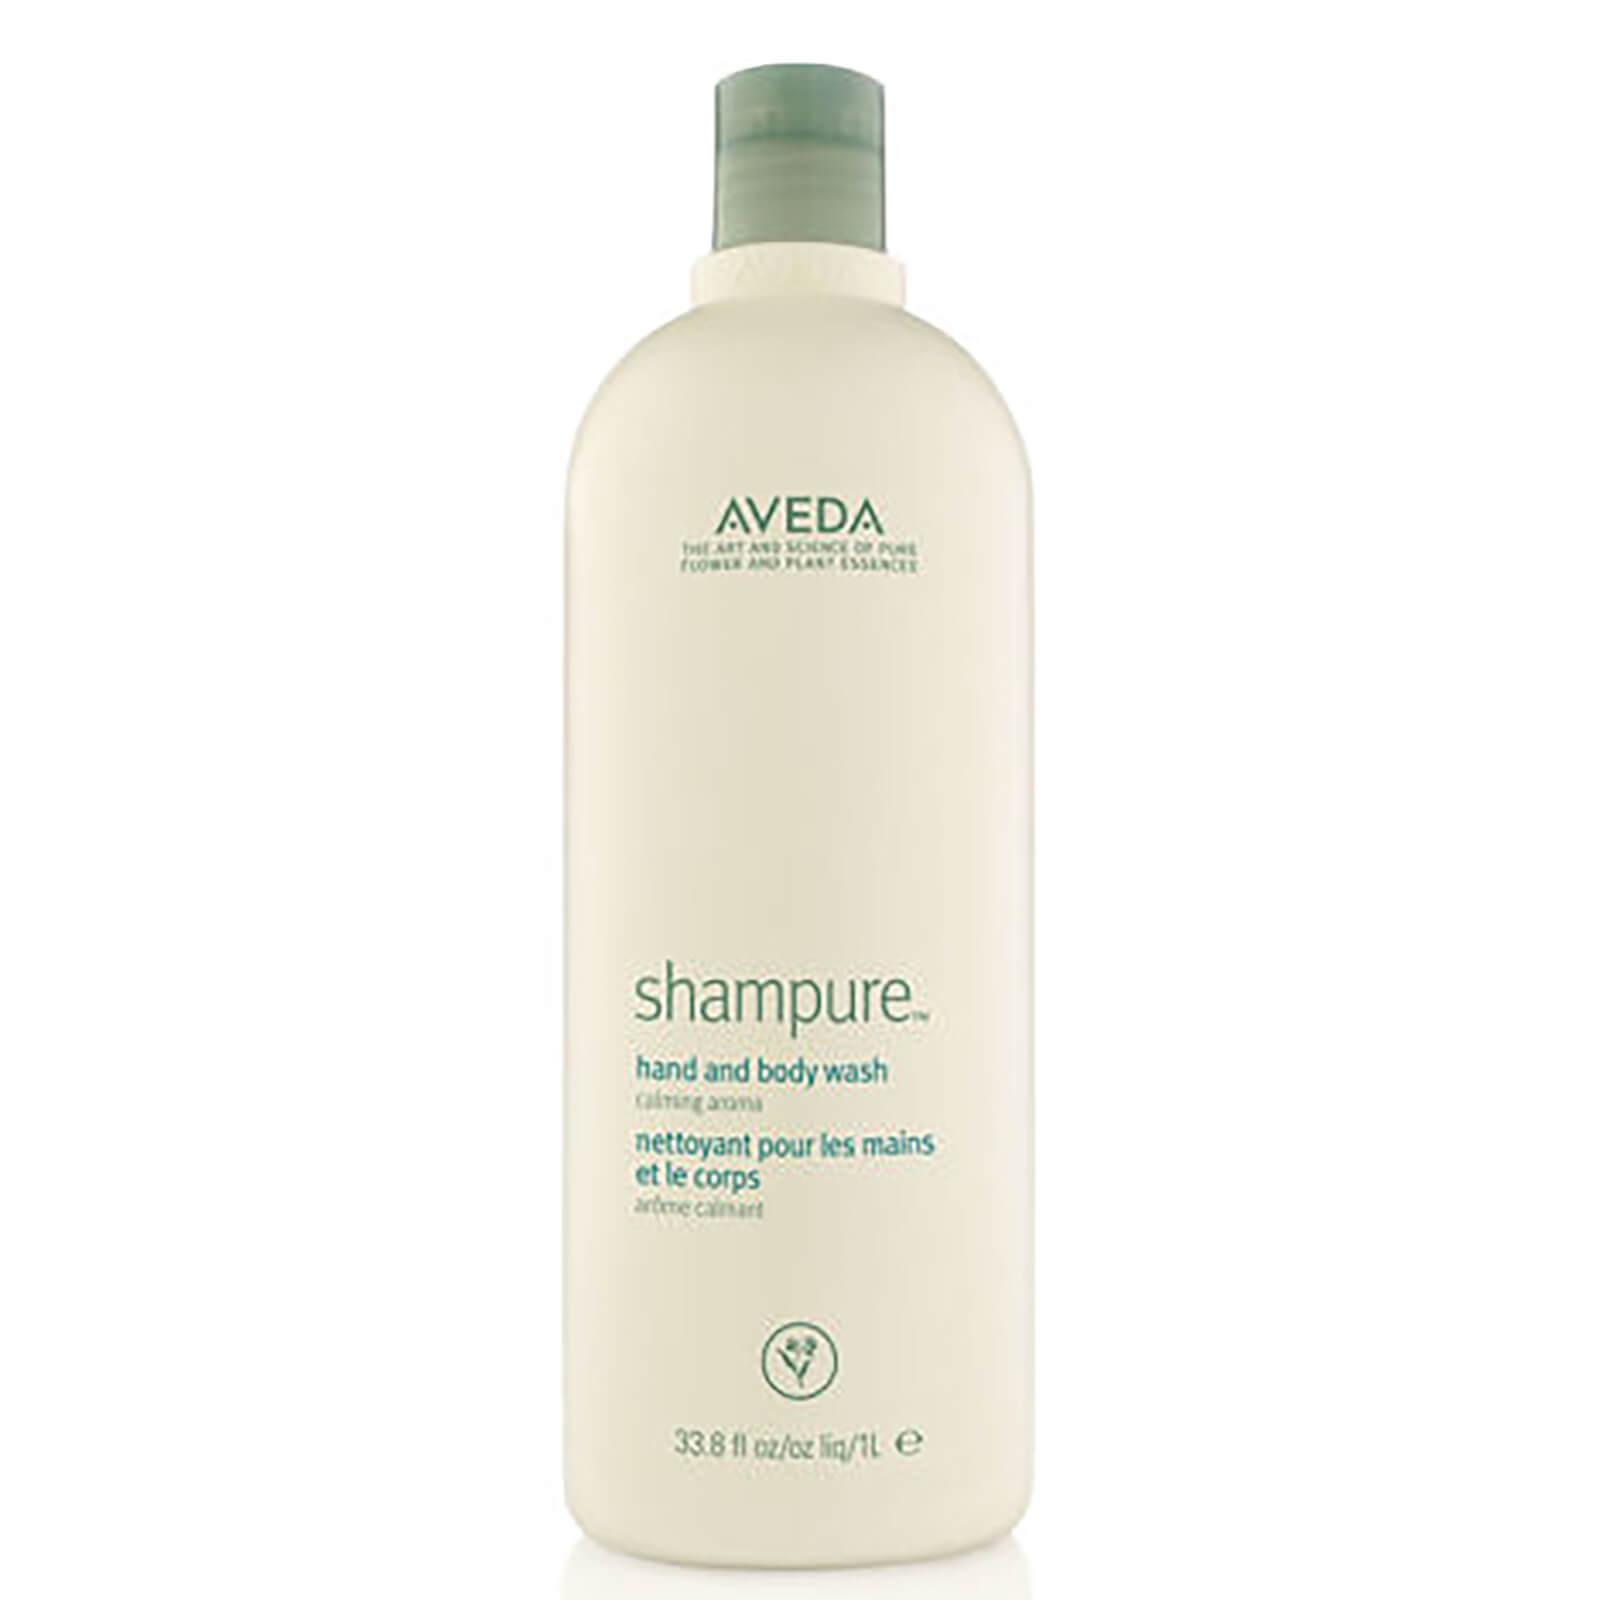 Aveda Shampure Hand and Body Wash 1000ml (Worth £70.00)